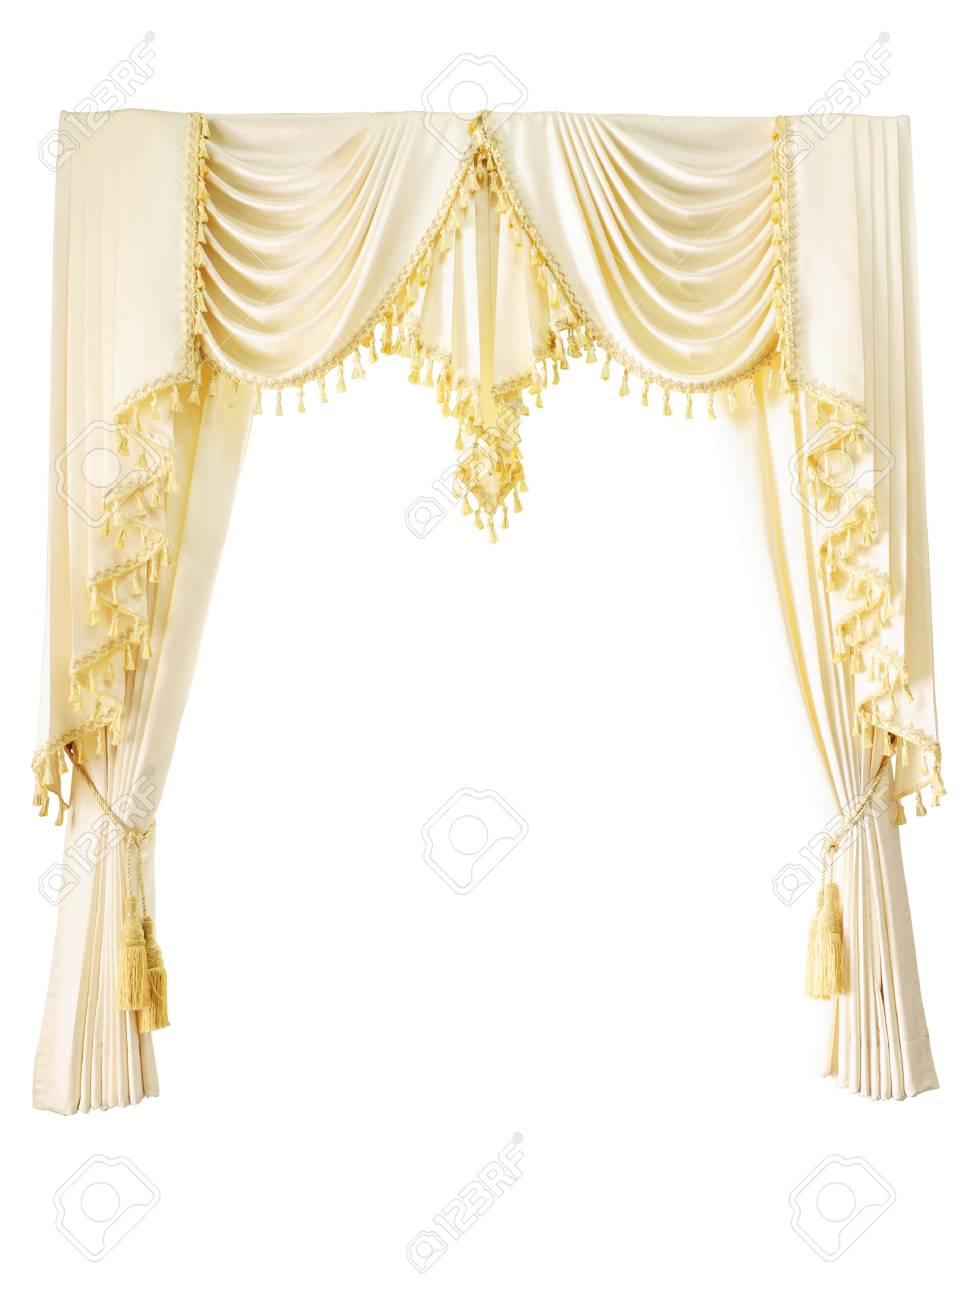 rideau de luxe avec des glands de luxe d'or isolé sur blanc banque d